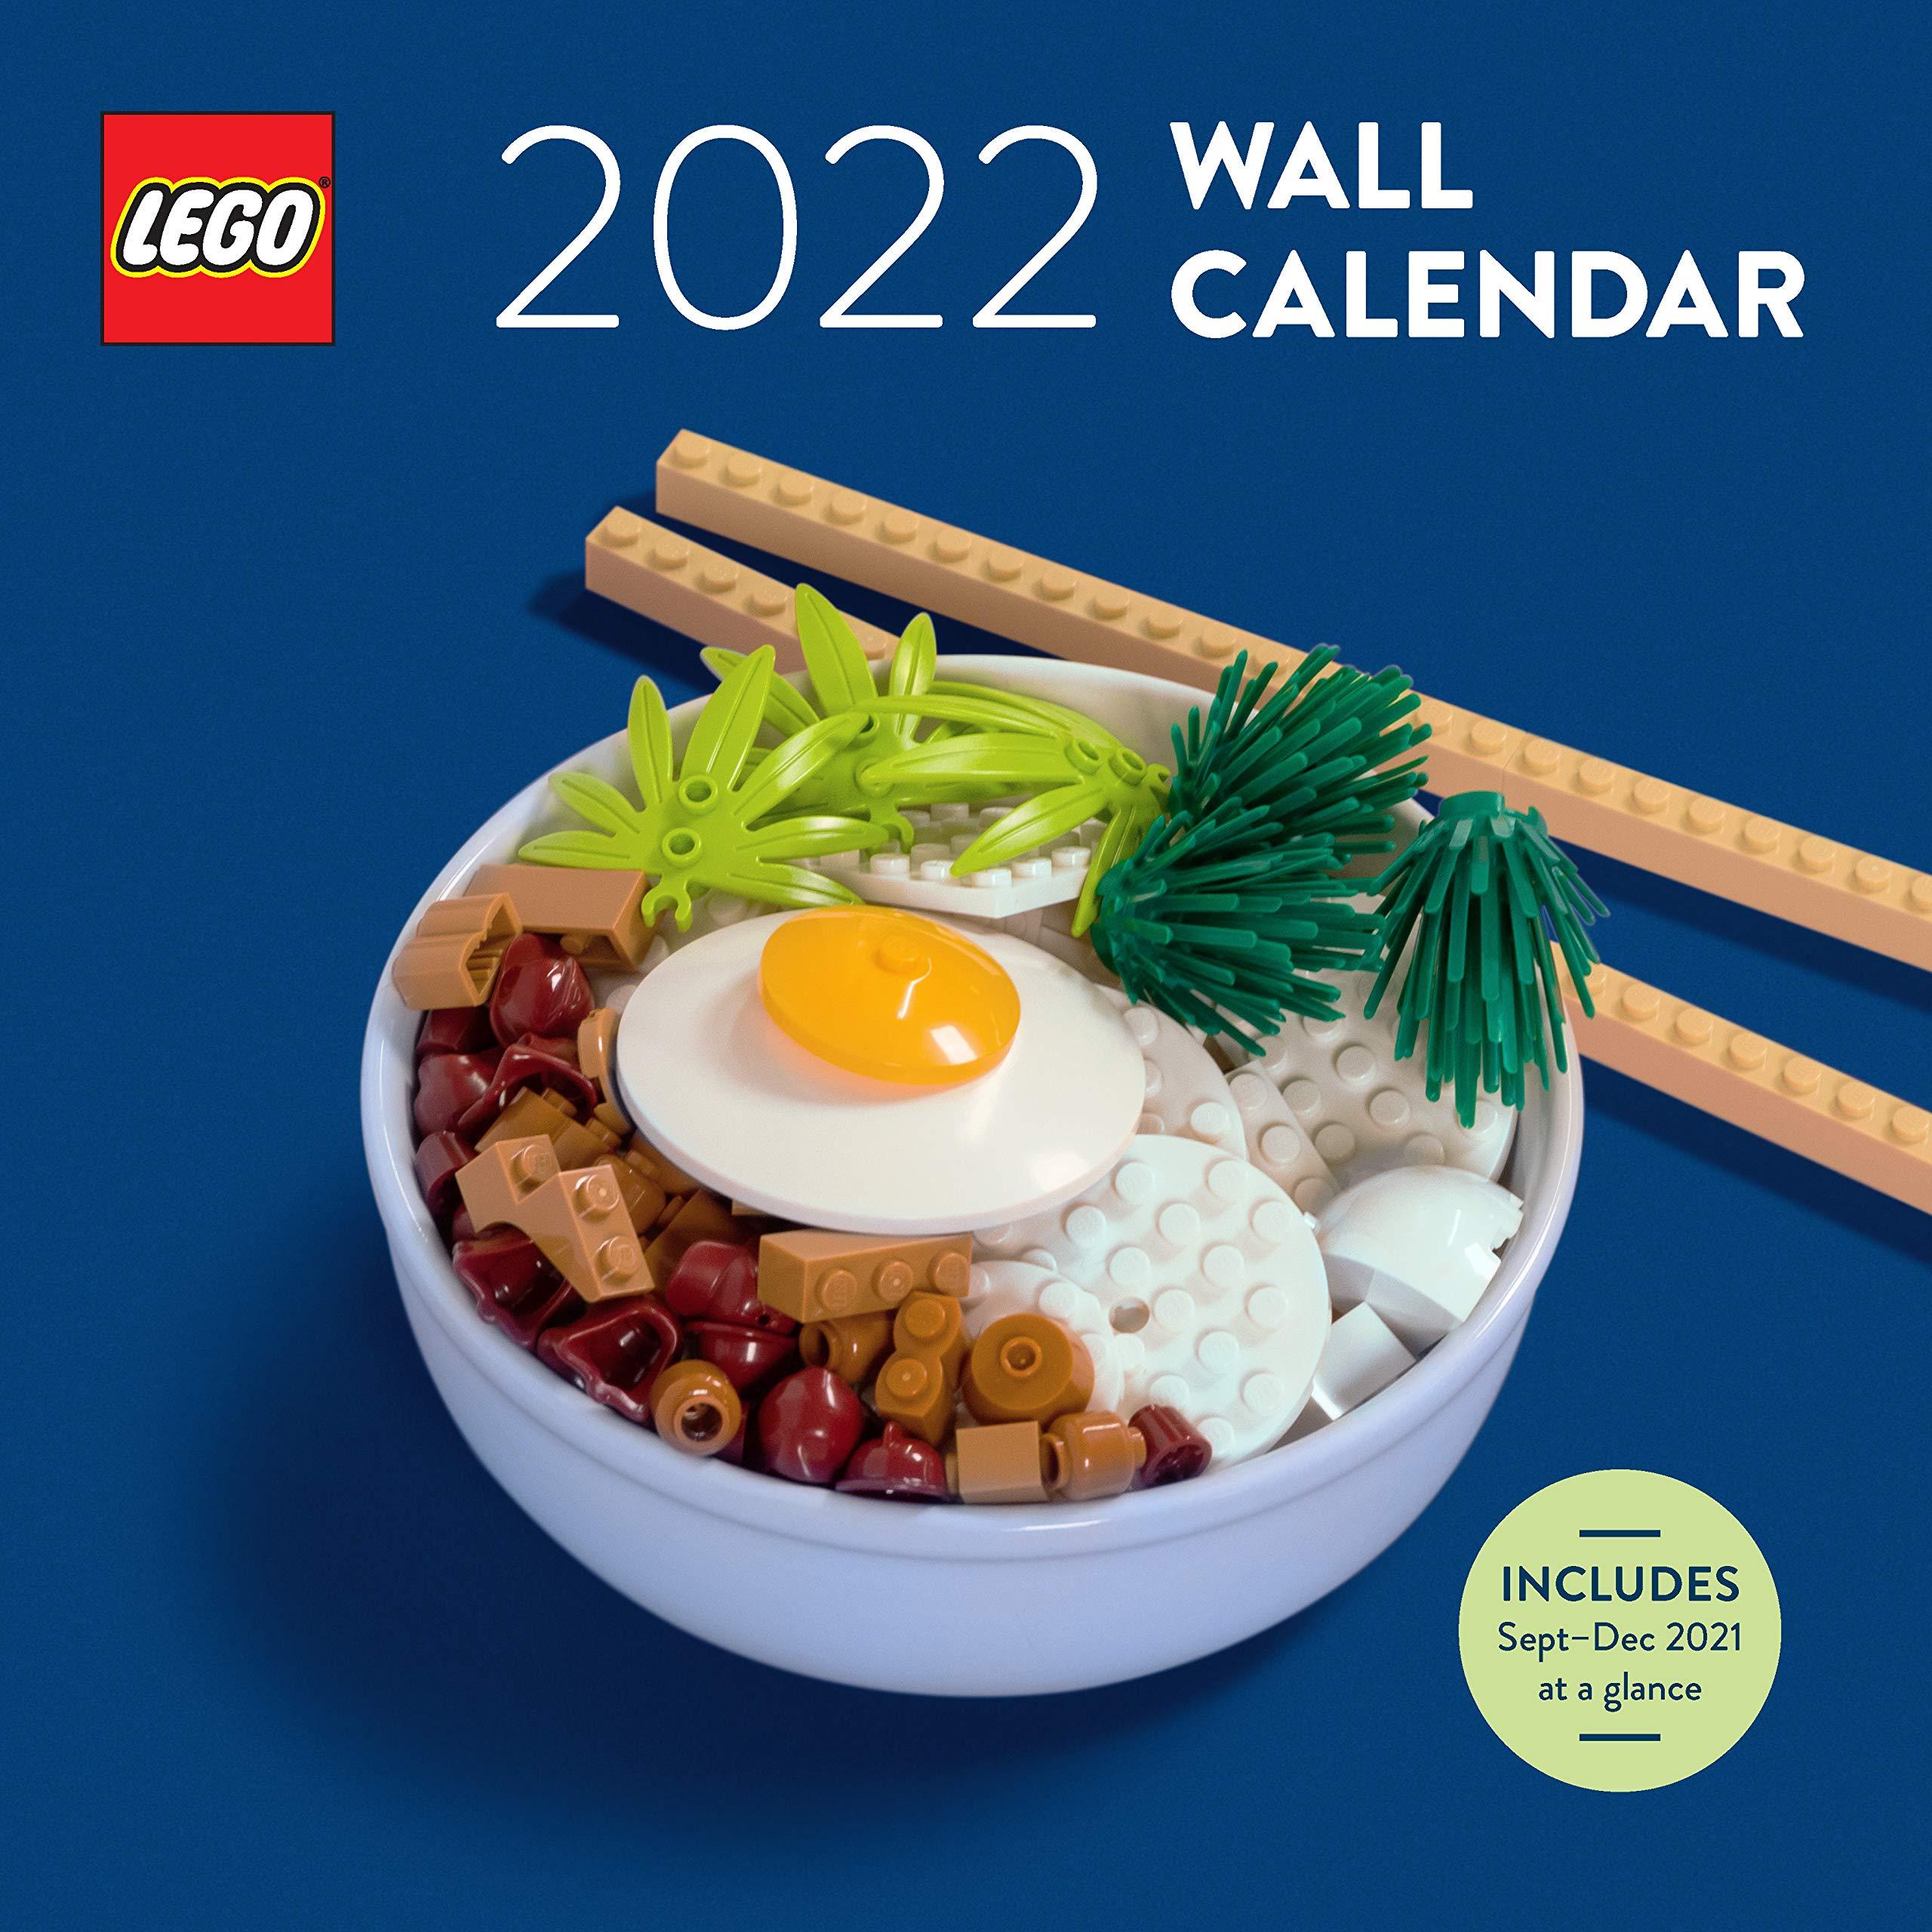 Lego October 2022 Calendar.Lego 2022 Wall Calendar Lego 9781797210735 Amazon Com Books